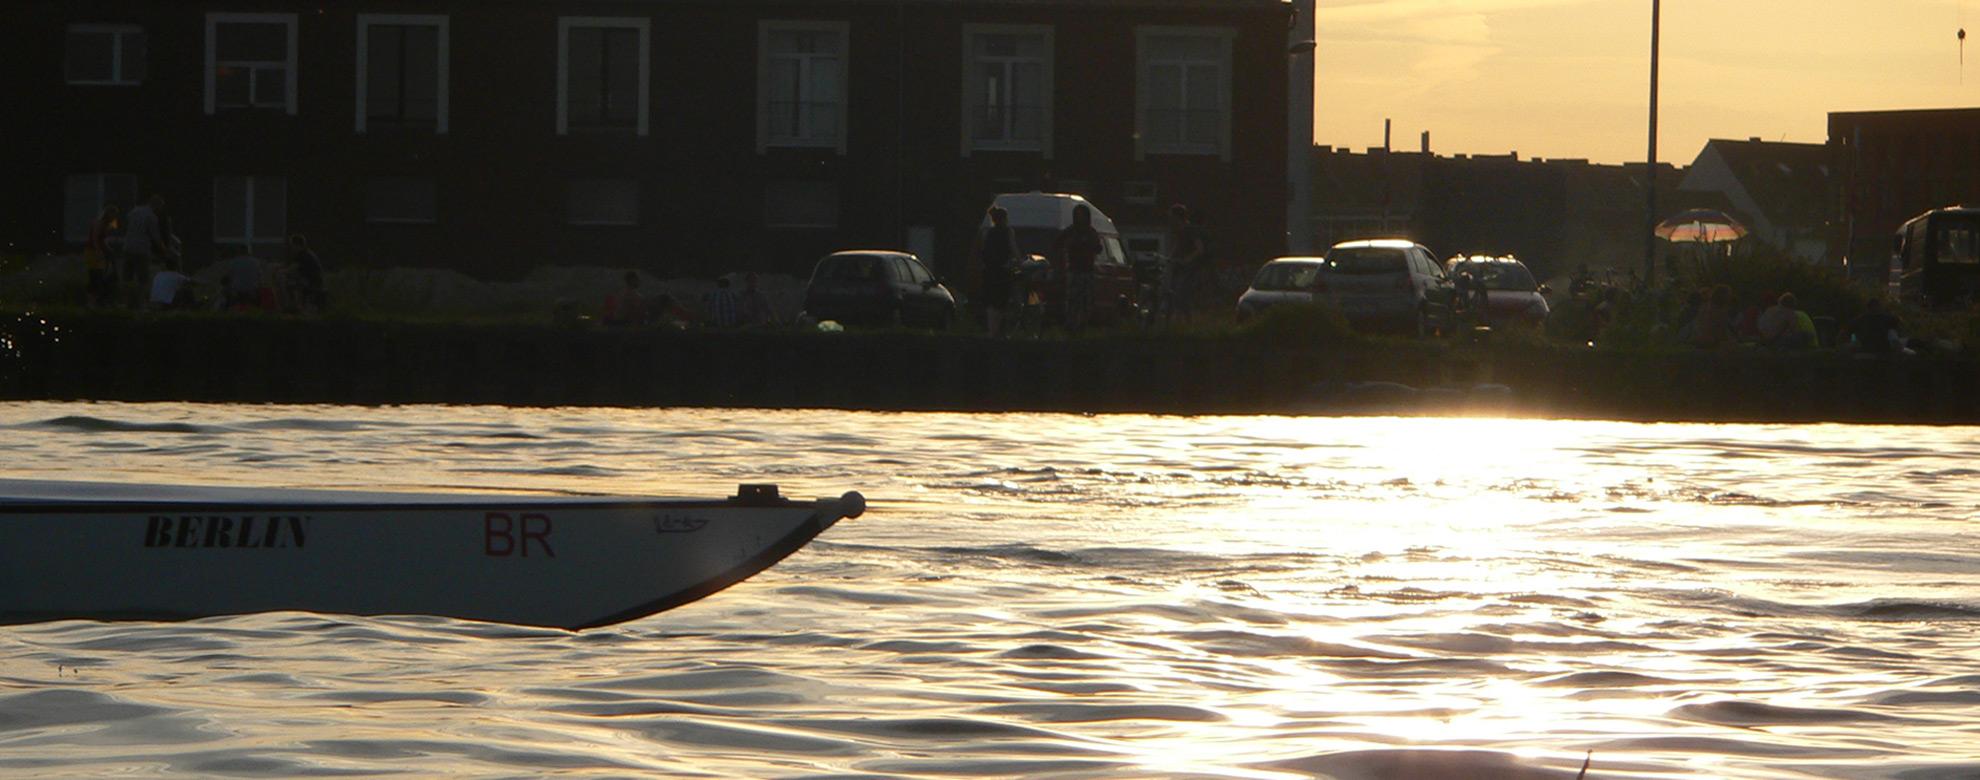 Ruderboot auf einem Kanal im Sonnenuntergang